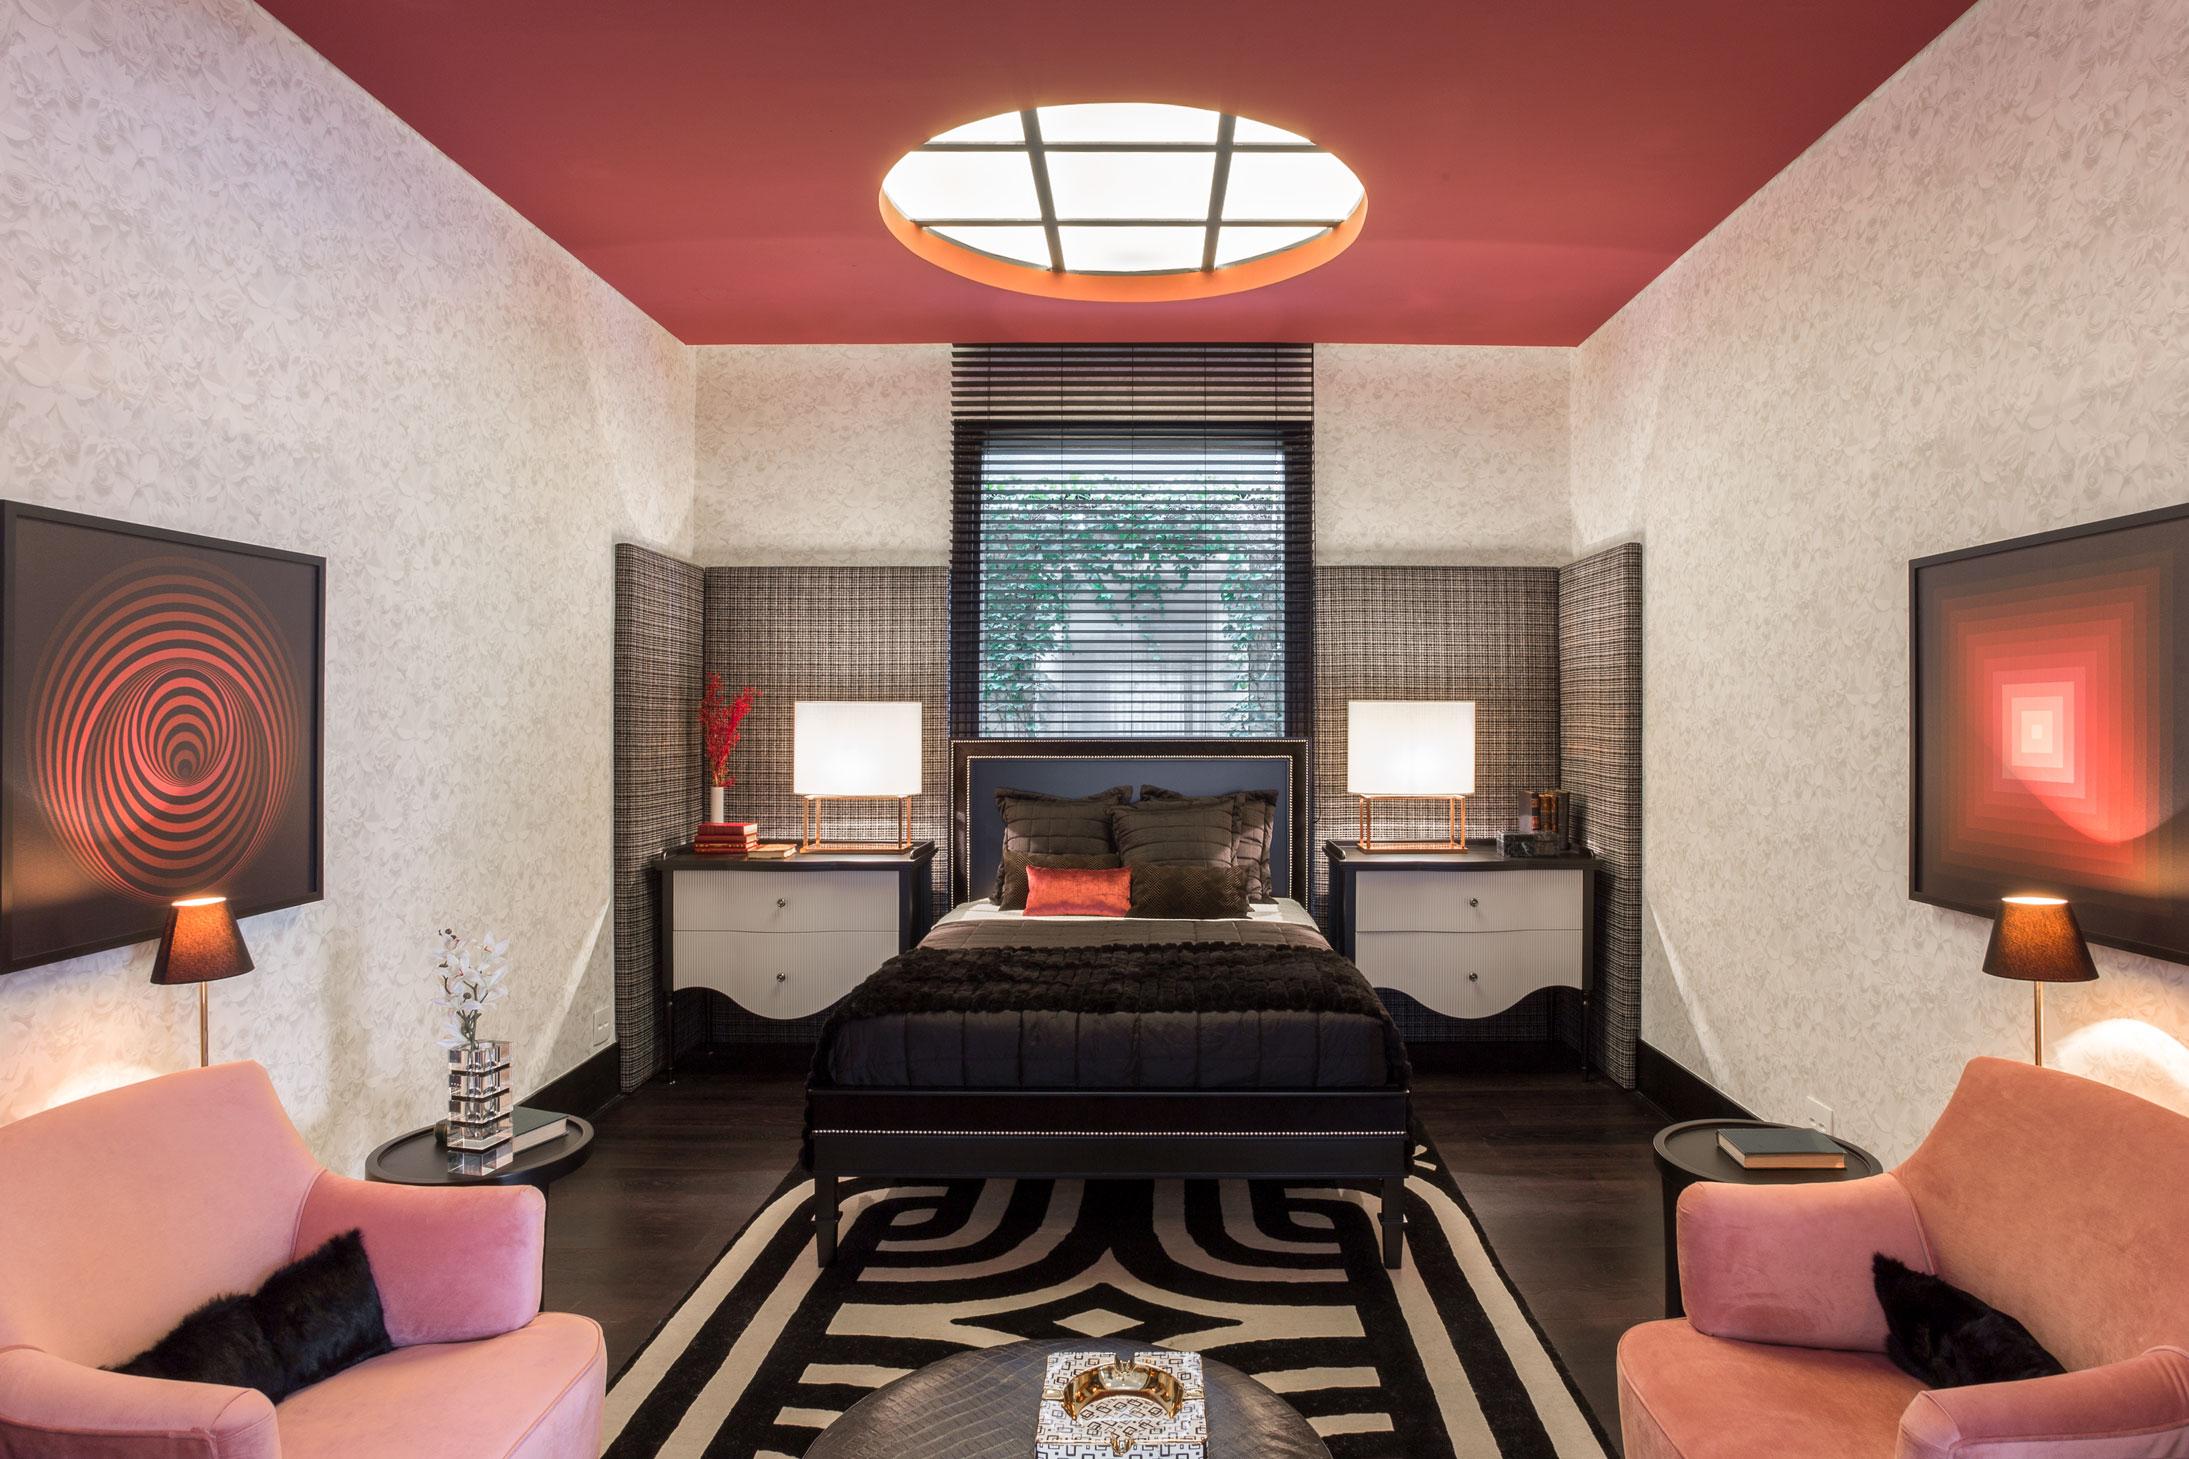 Ambiente inspirado no Art Deco brasileiro vindo da França com tons sóbrios branco e preto, já o papel de parede florido oferece aconchego com um mobiliário levemente clássico.